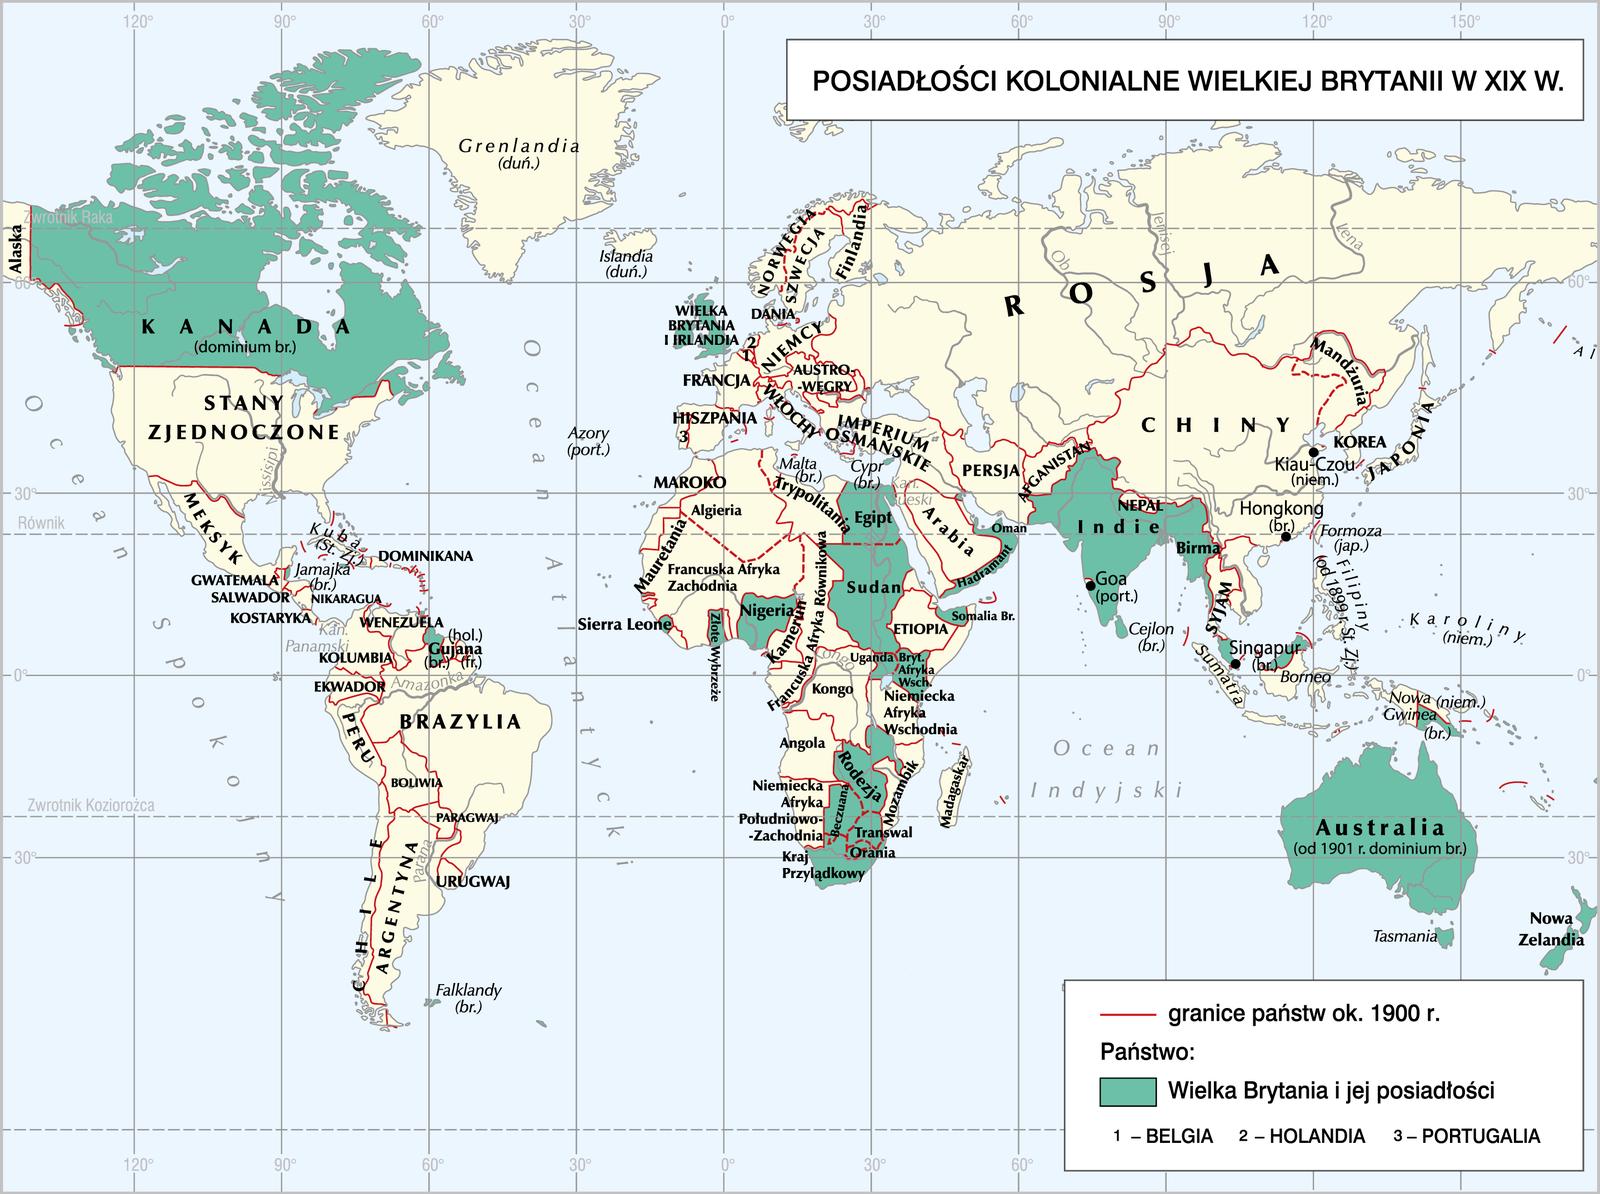 Posiadłości kolonialne Wielkiej Brytanii Źródło: Contentplus.pl sp. zo.o., Posiadłości kolonialne Wielkiej Brytanii, licencja: CC BY 3.0.